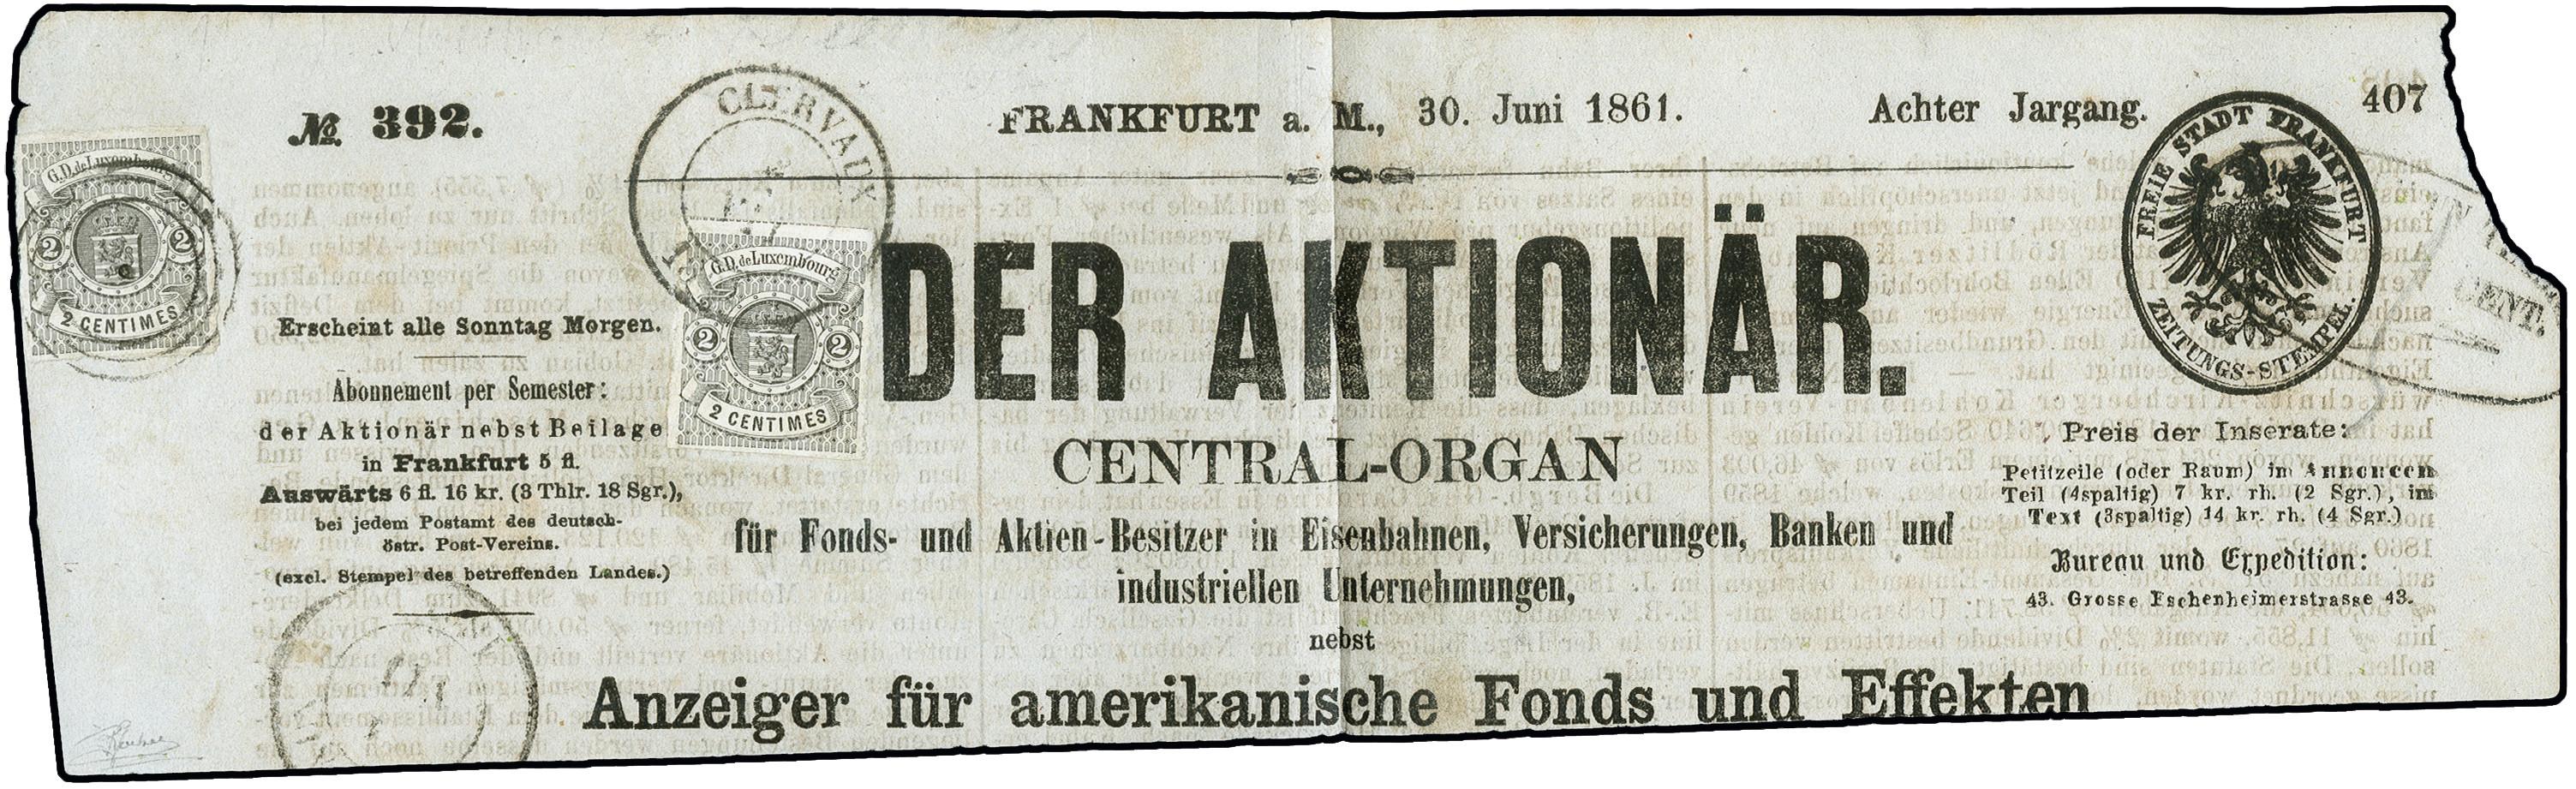 Lot 880 - europe luxemburg -  Heinrich Koehler Auktionen 373rd Heinrich Köhler auction - Day 1